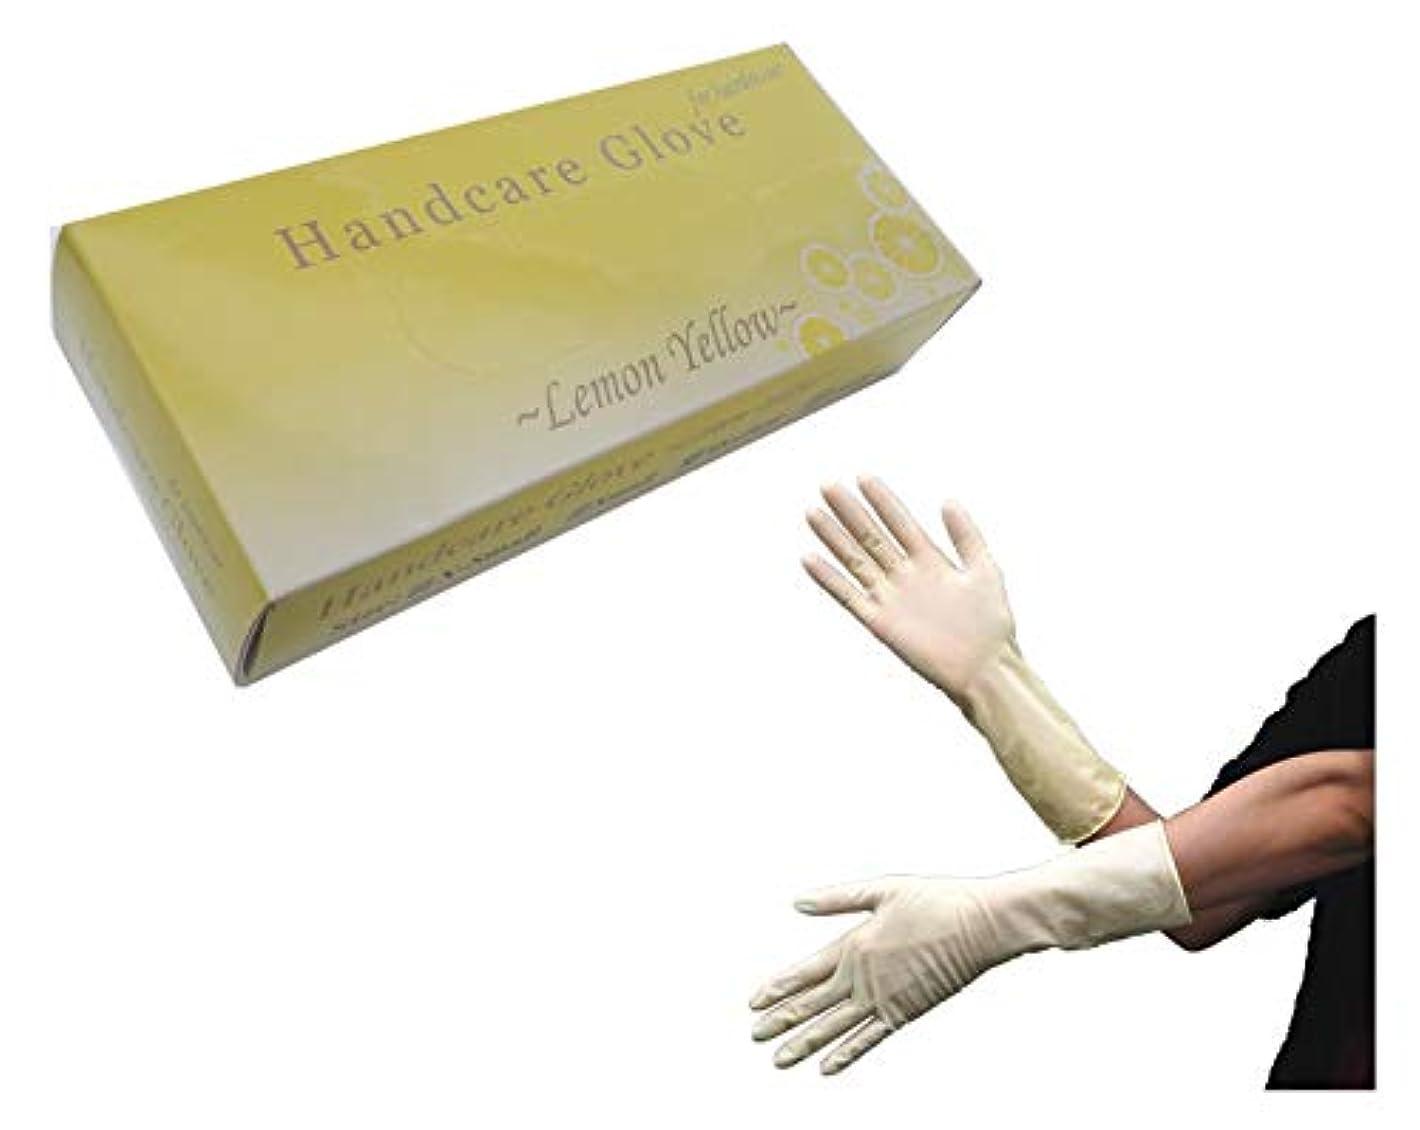 戻す凝視征服者【リニューアル】サンフラワー ハンドケアグローブ レモンイエロー ゴム手袋 Sサイズ 50枚入り